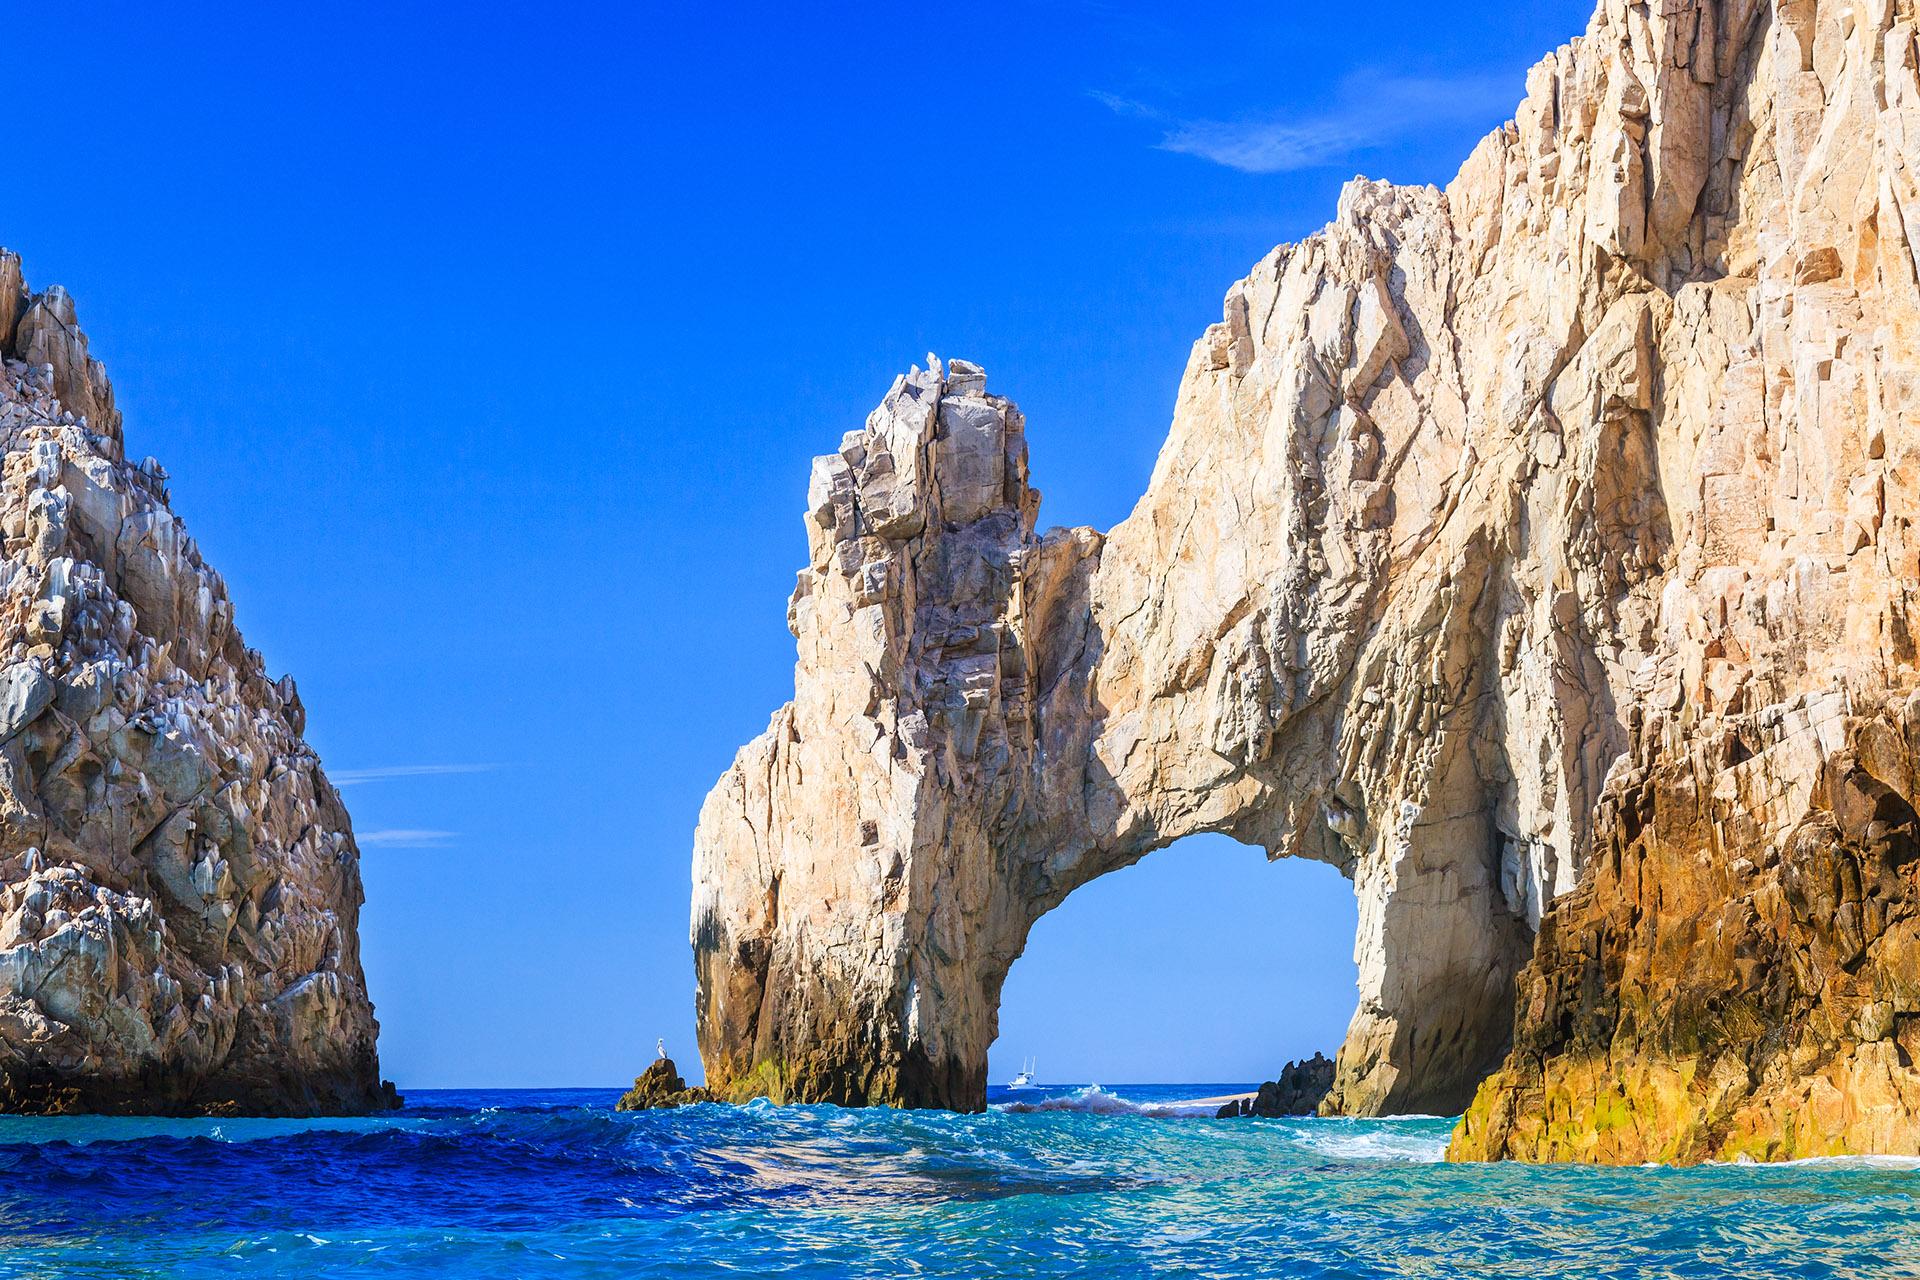 Rodeadas del Mar de Cortés, las playas de Los Cabos se sitúan en la Península de Baja California Sur, donde los resorts más exclusivos esperan a los viajeros